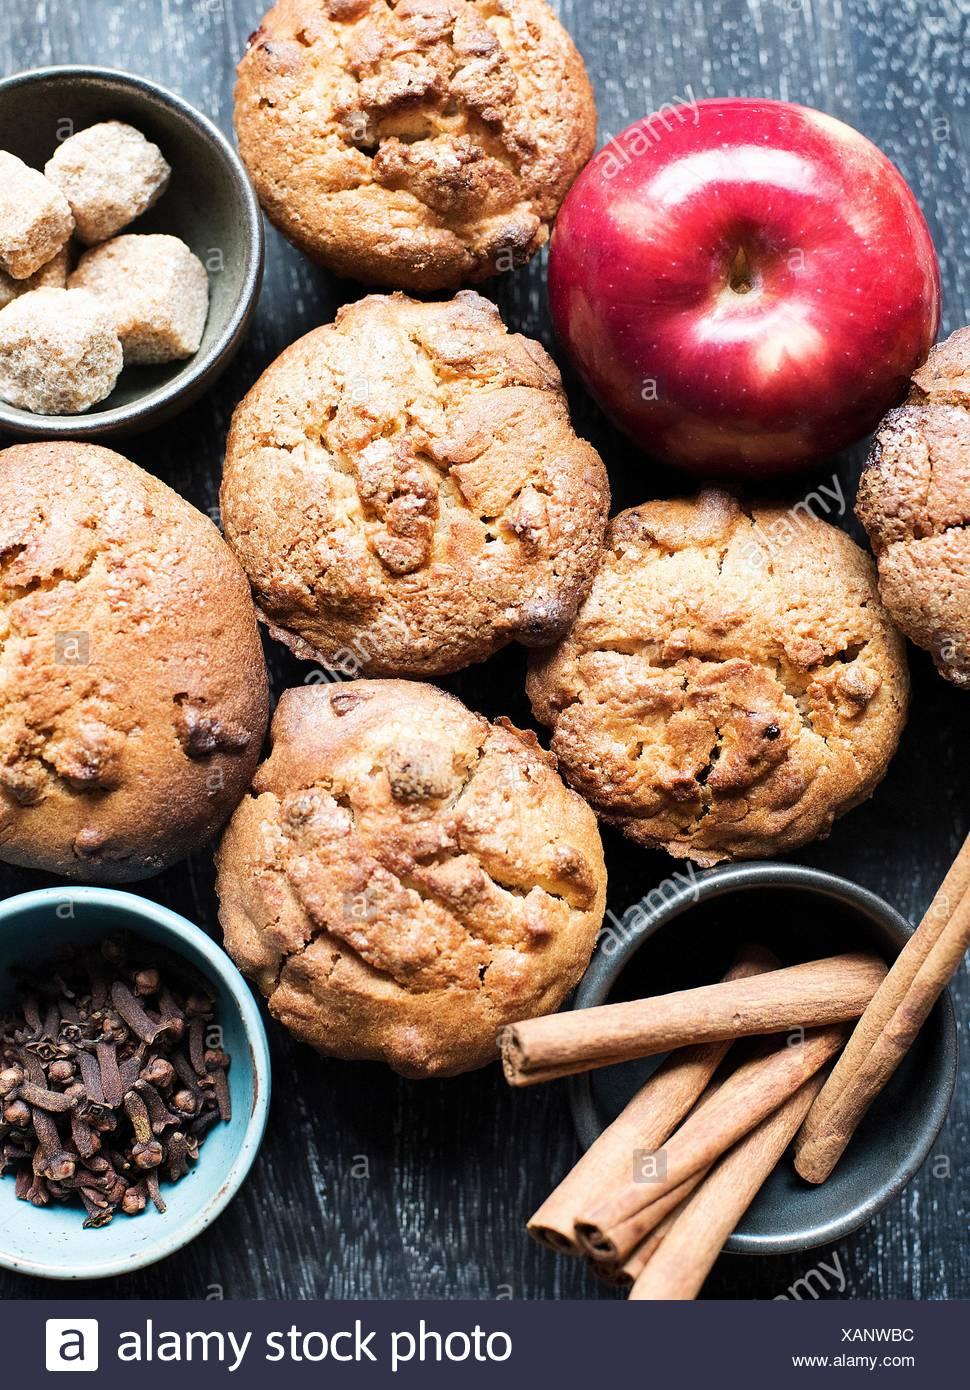 Muffin con mela e cannella e chiodi di garofano, vista aerea Immagini Stock